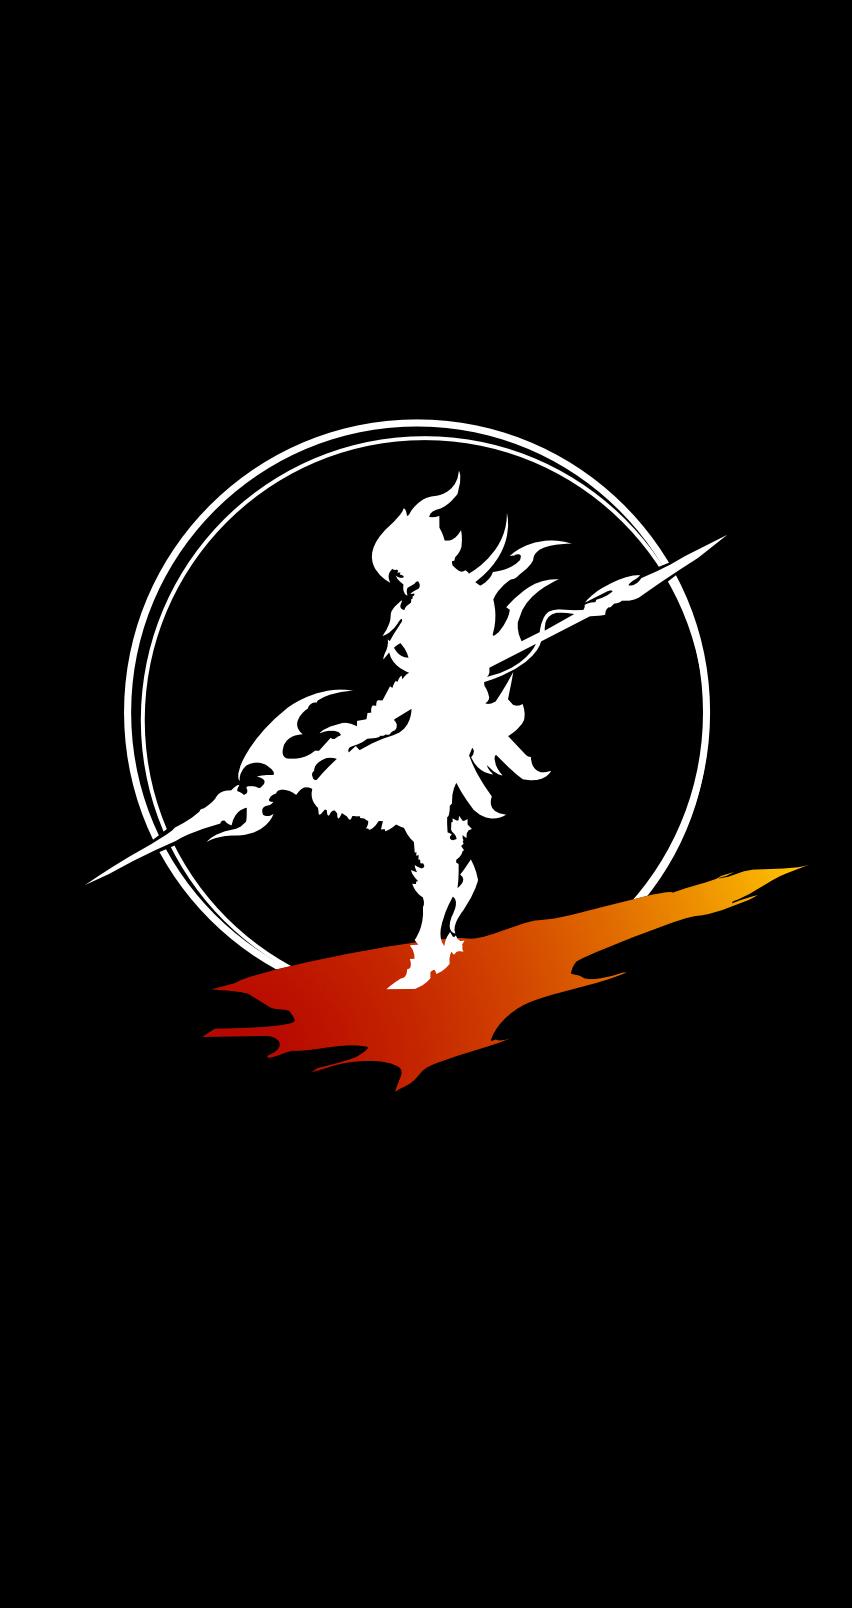 made this dragoon wallpaper